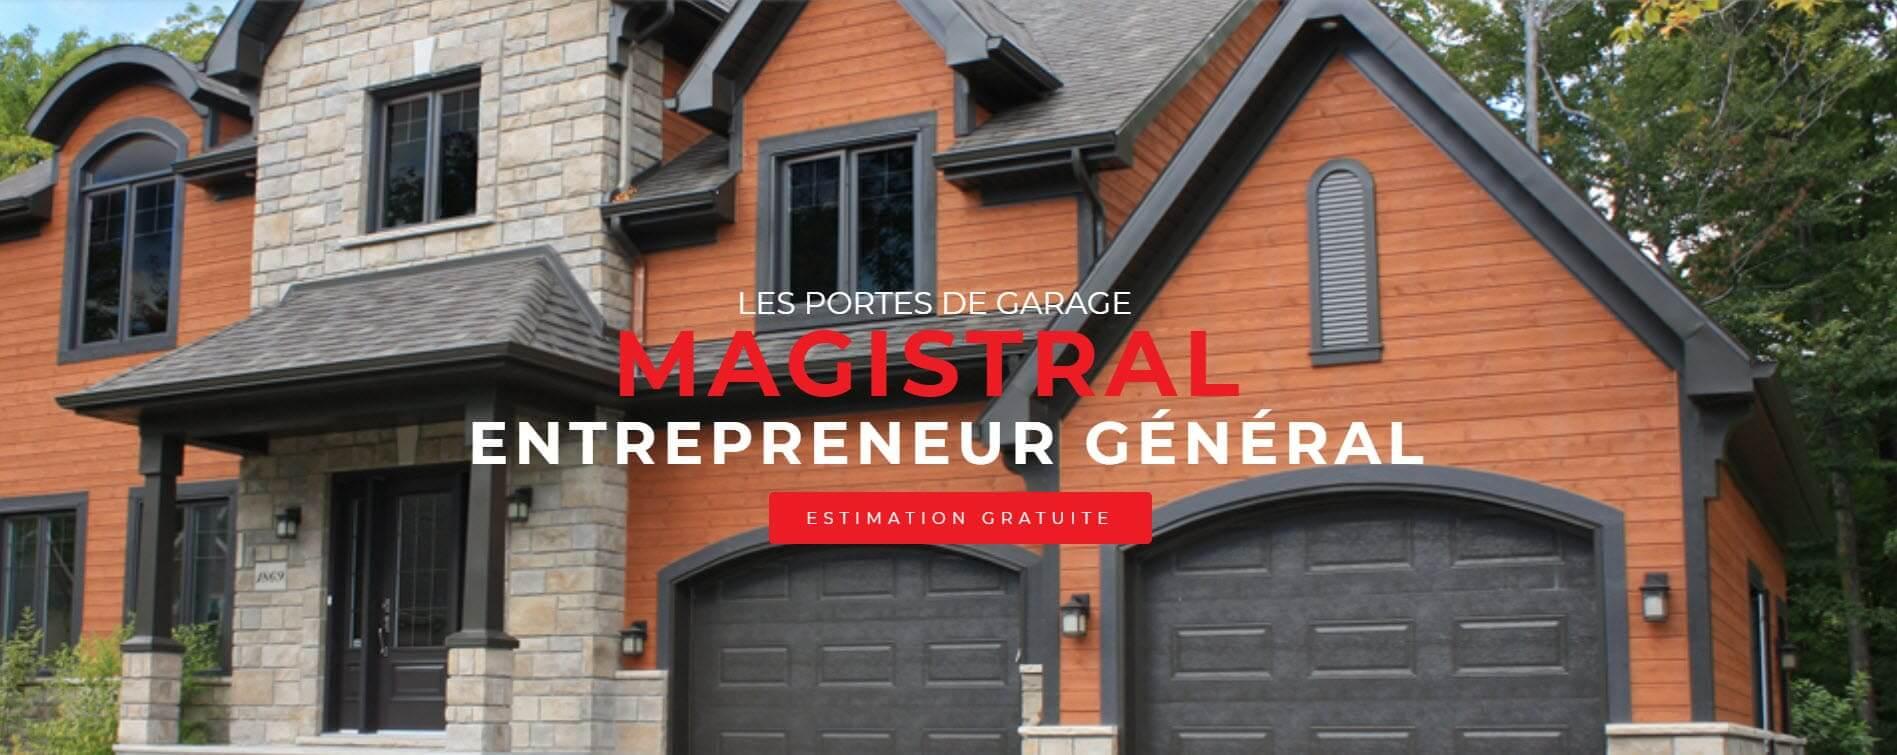 Les Portes de Garage Magistral Entrepreneur Général